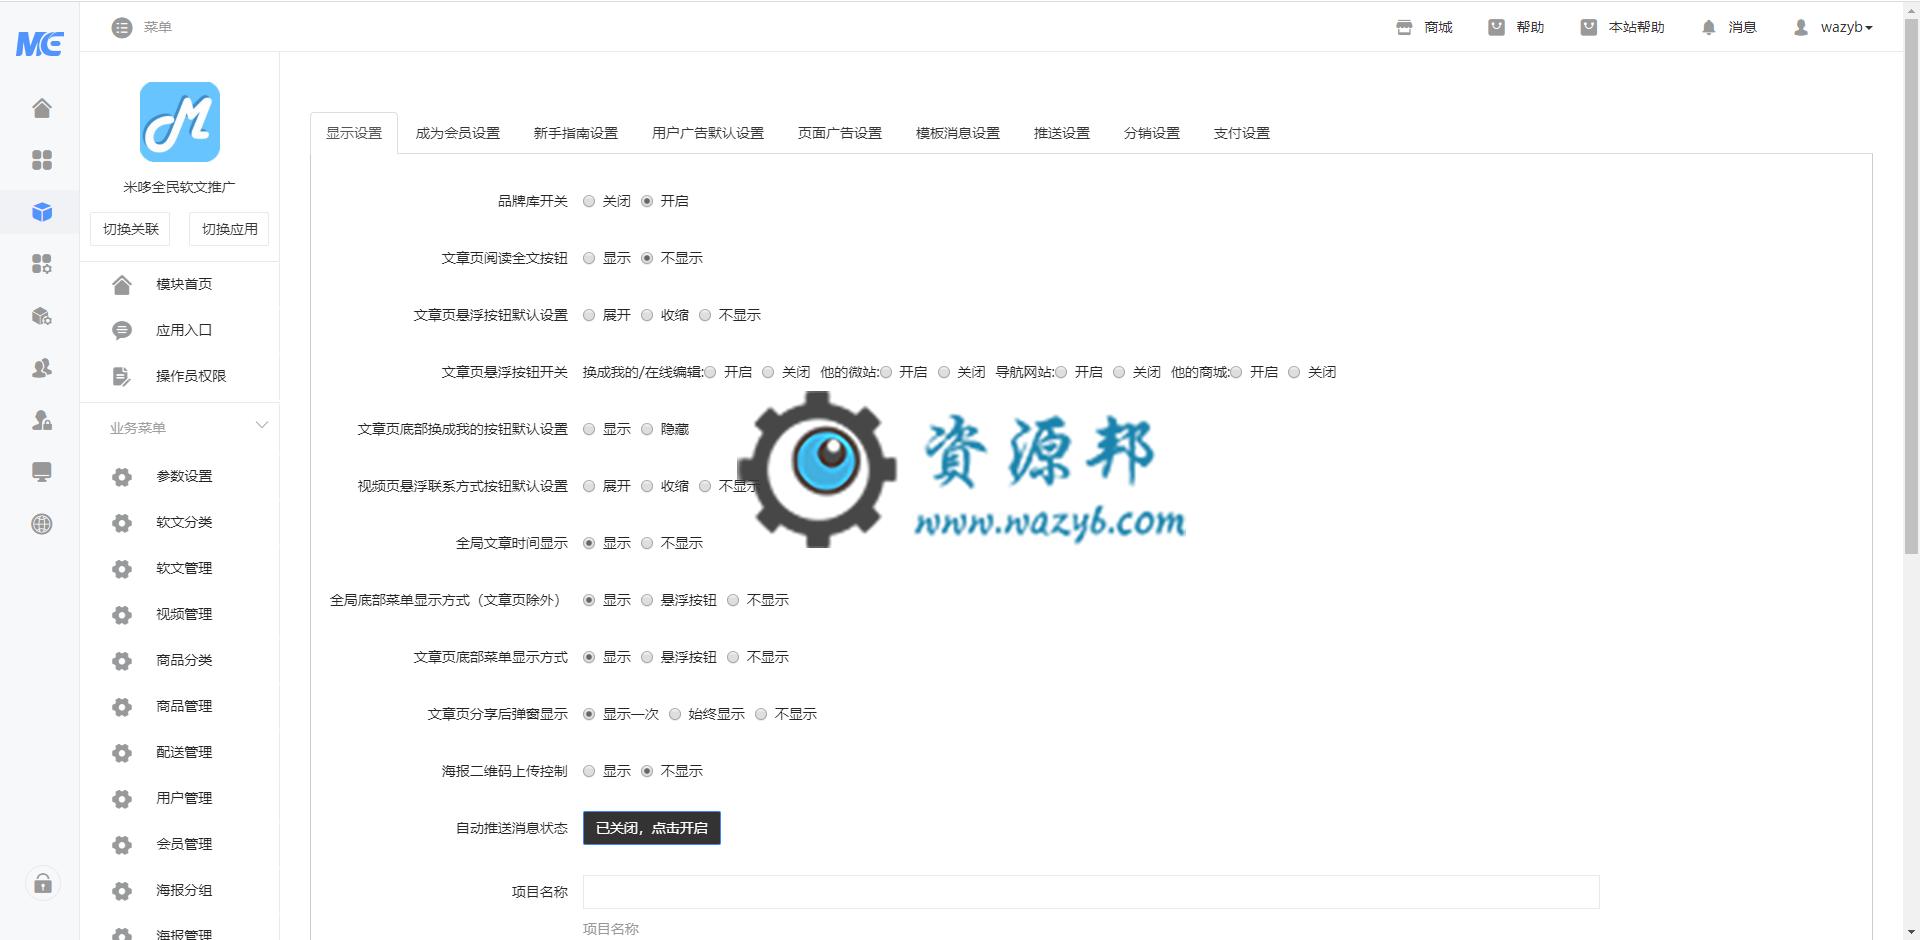 【永久会员专享】米哆全民软文推广视频商城综合版包更新【更新至V5.3.8】 第2张